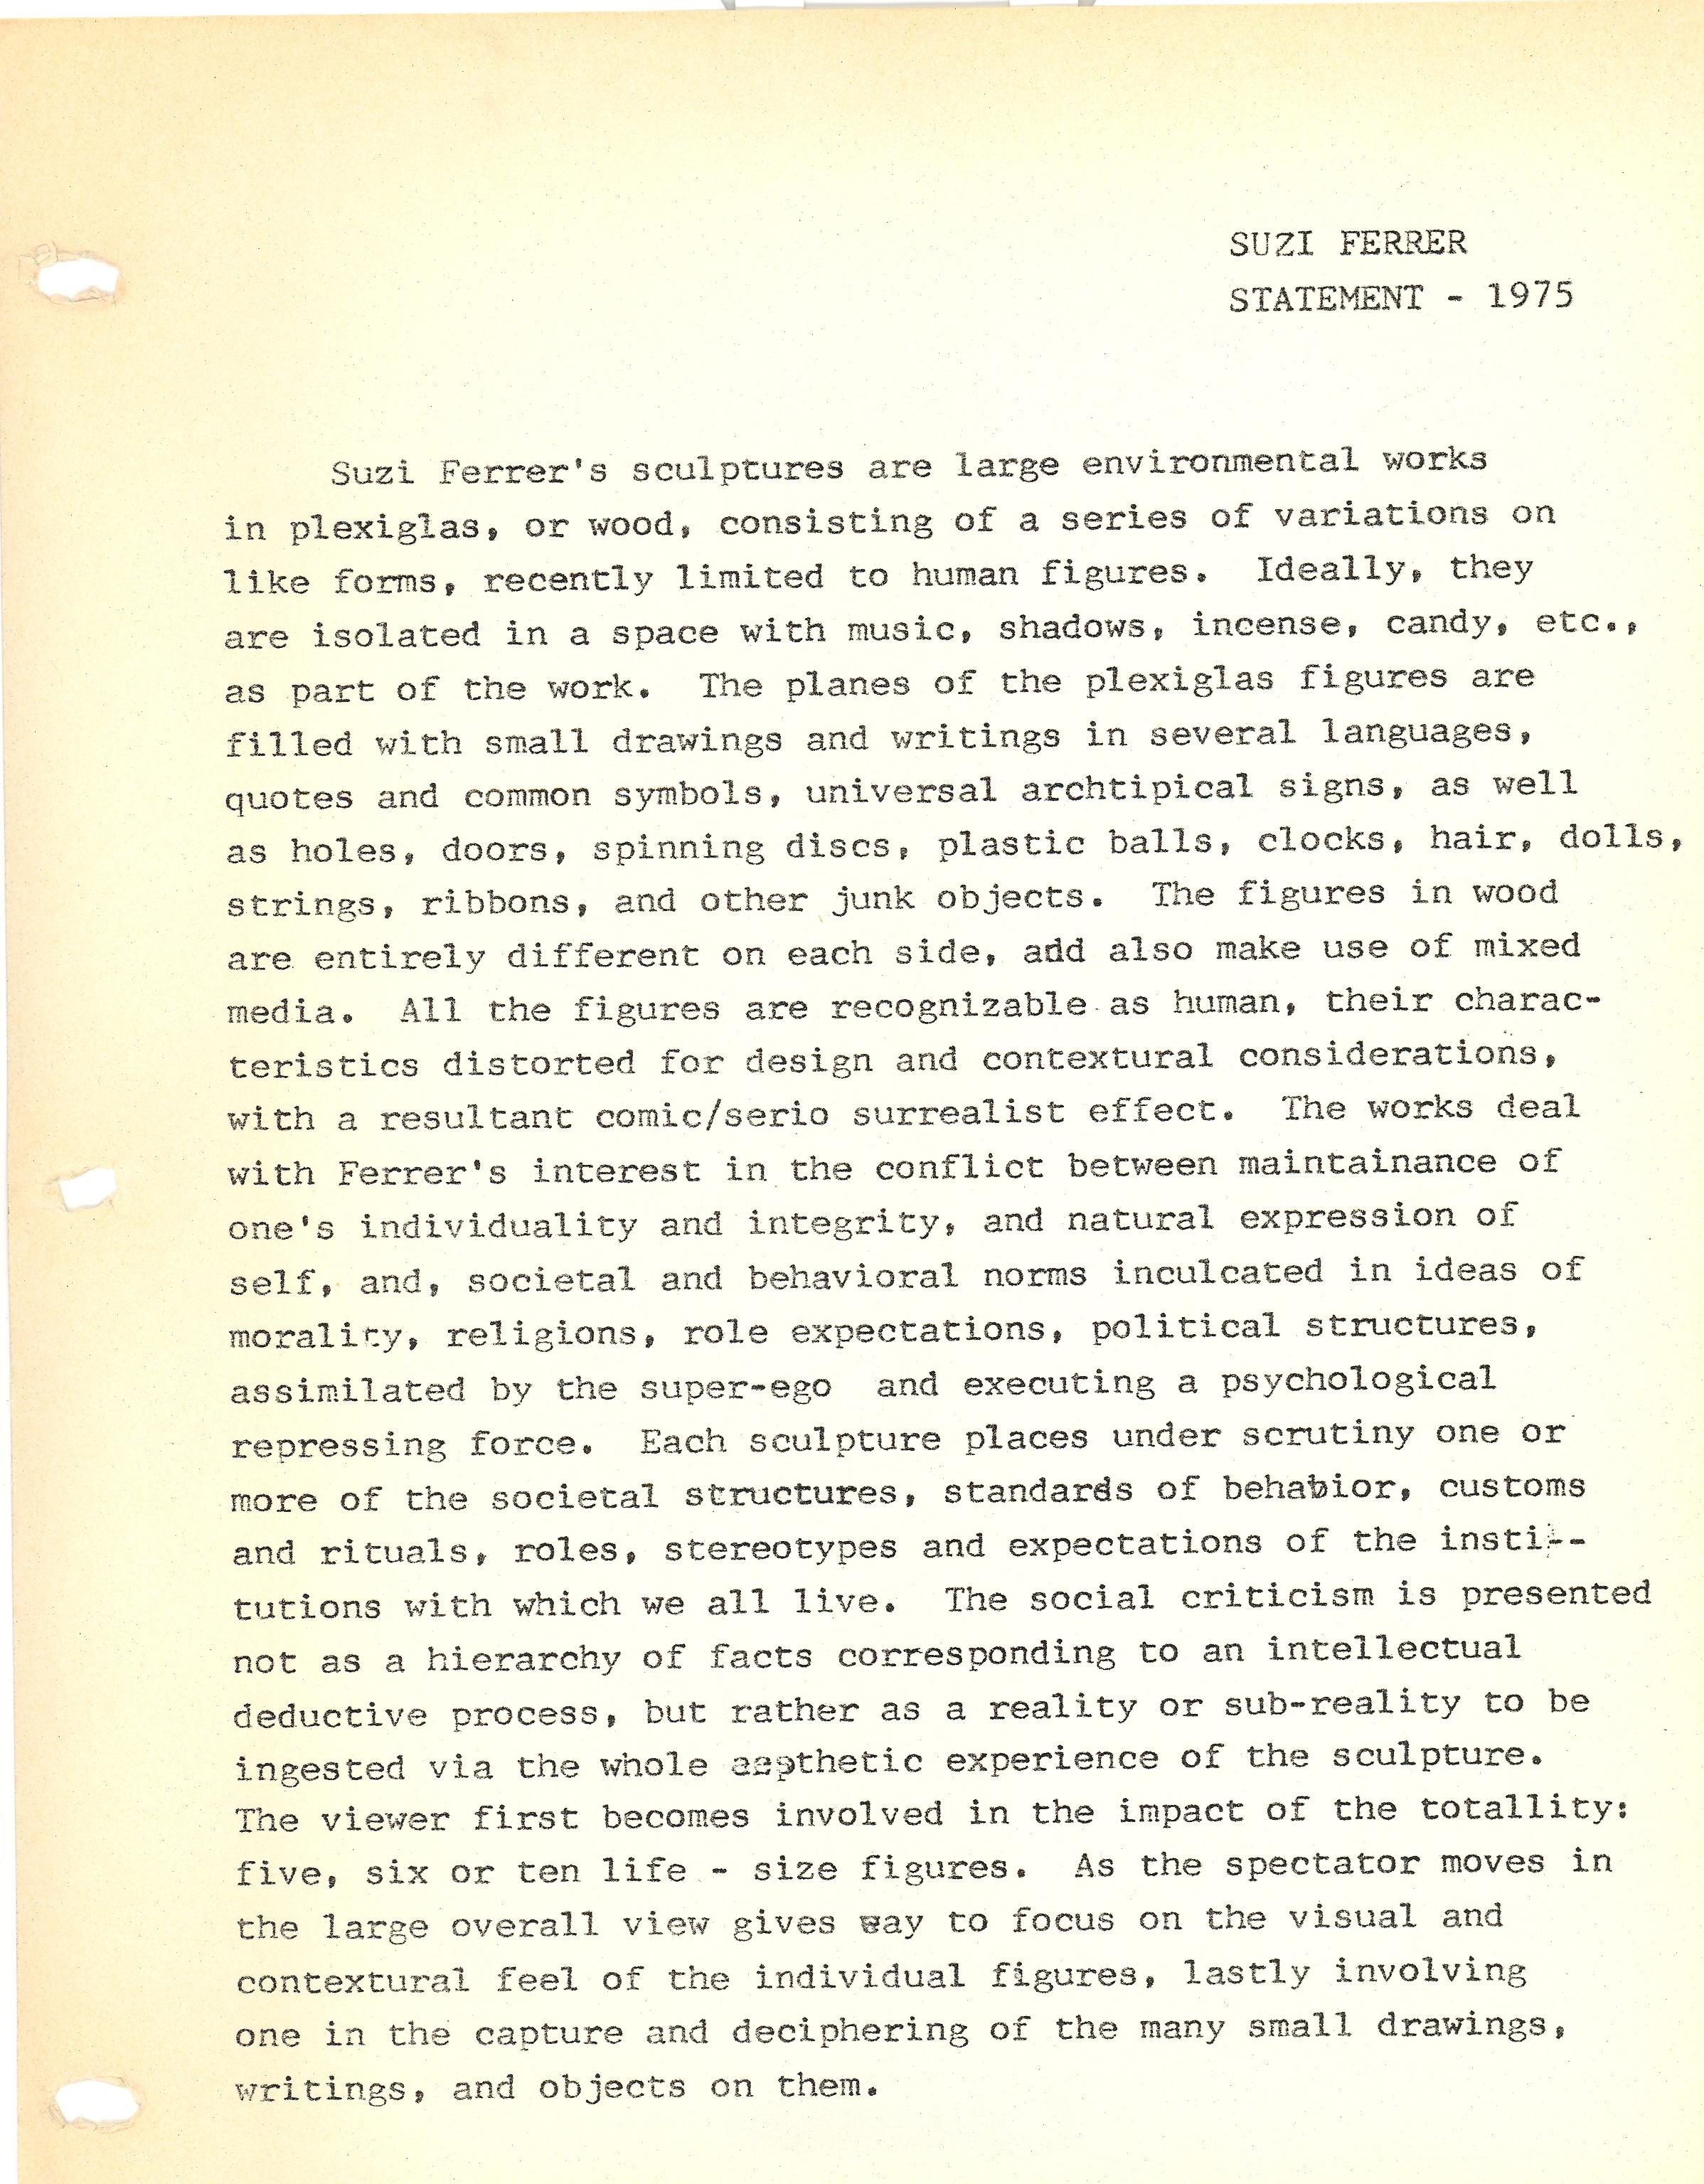 Statement 1975.jpg